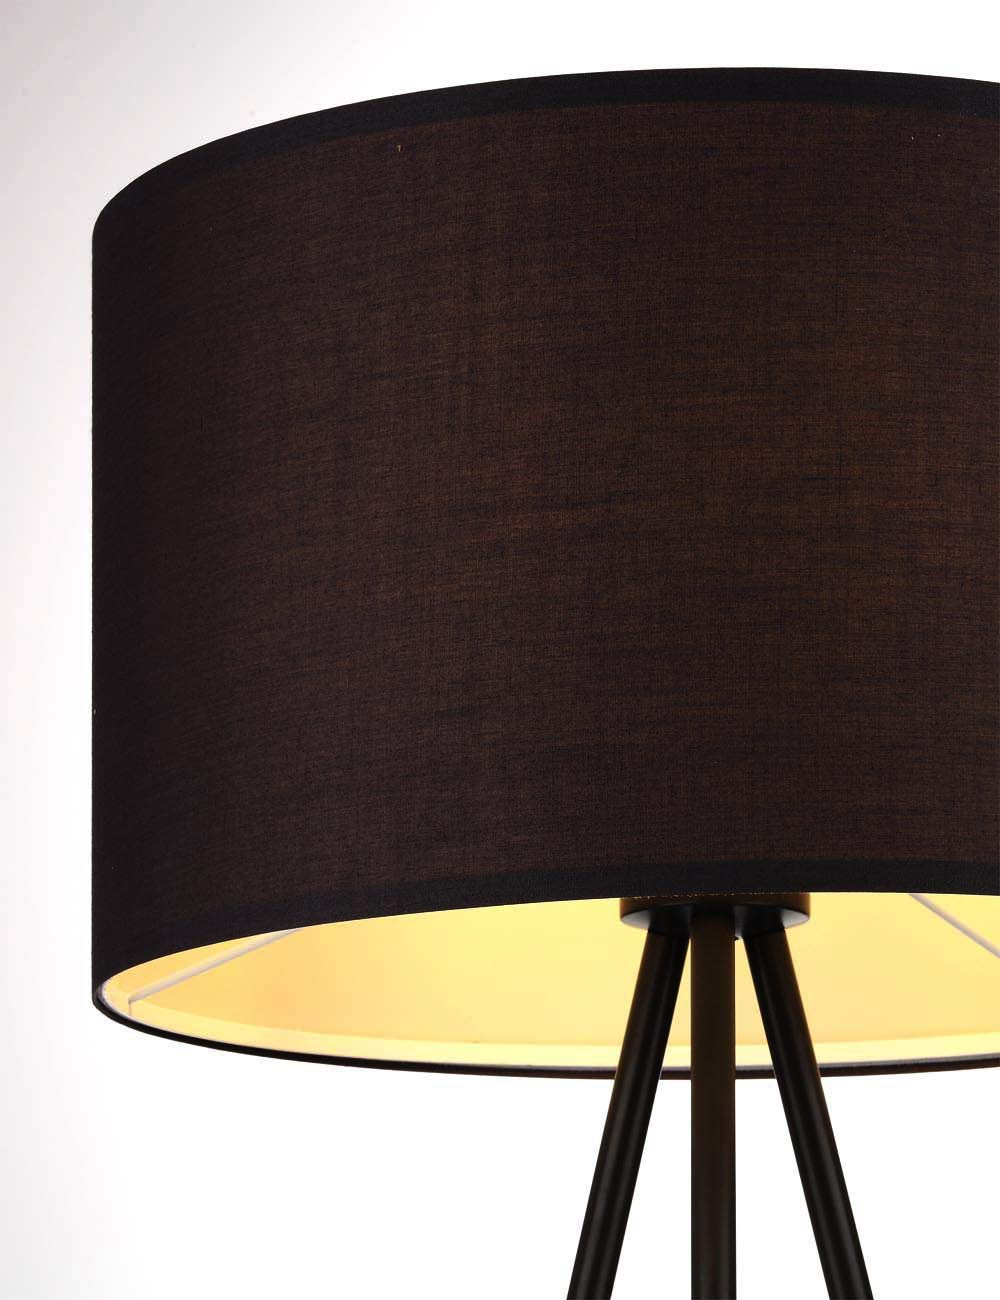 Zeitnah Tripod Standleuchte Skandinavischer Stil mit Textilschirm,/ø 45 cm H/öhe:150 cm E27-Fassung Grau MEHRWEG Schlafzimmer Lampe Modernluci Stehlampe Stativ Modern Stehleuchte f/ür das Wohnzimmer